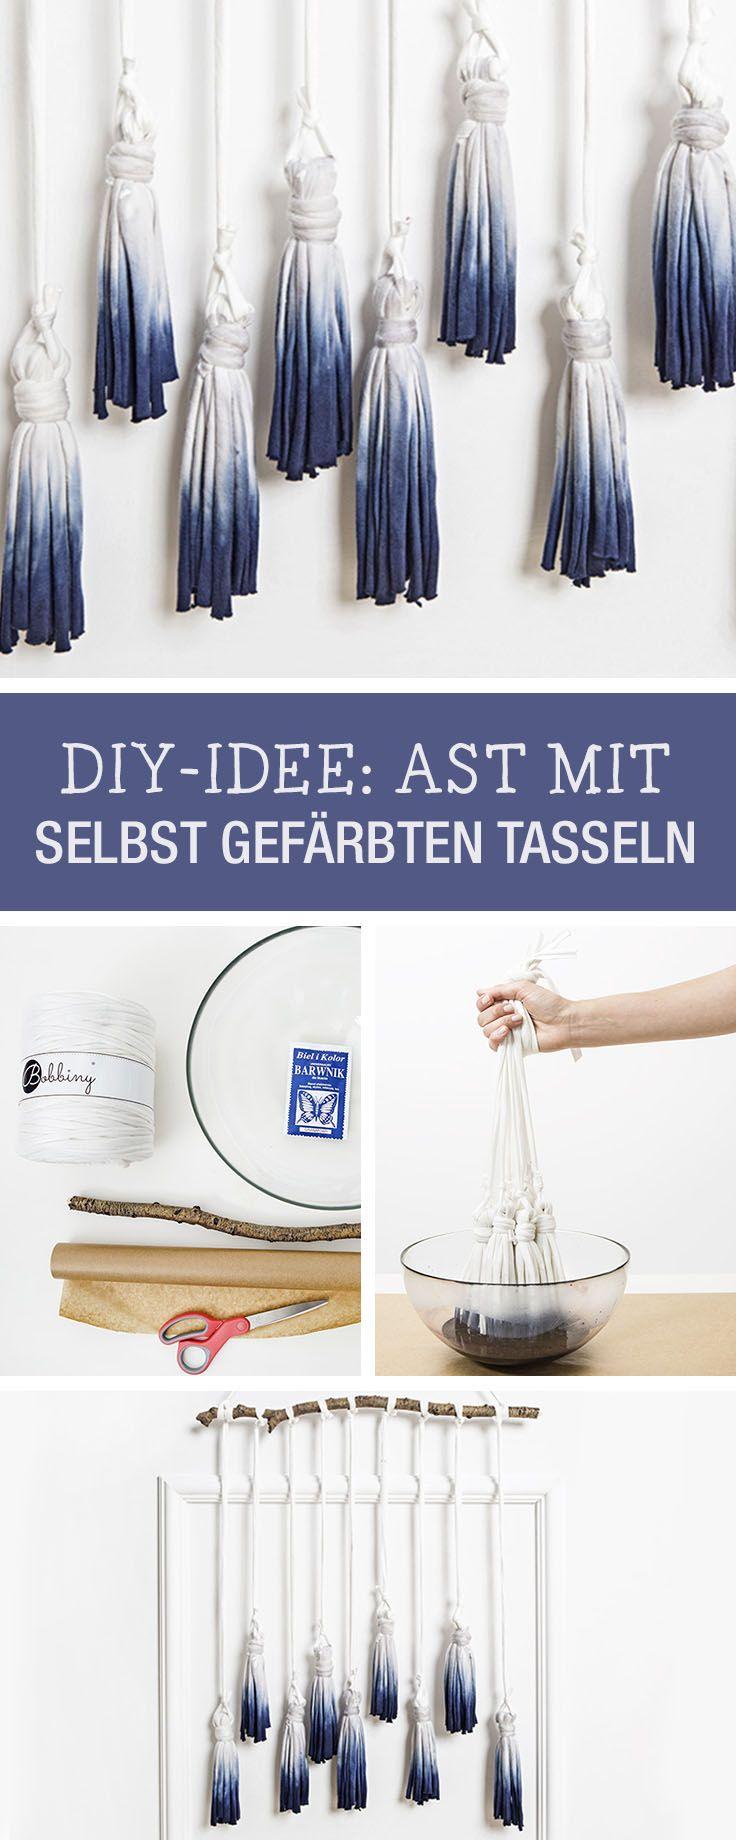 DIY-Anleitung: Ast mit selbst gefärbten Tasseln verschönern, Deine kreative Wohndeko / DIY tutorial: embellish branch with dyed tassel via DaWanda.com